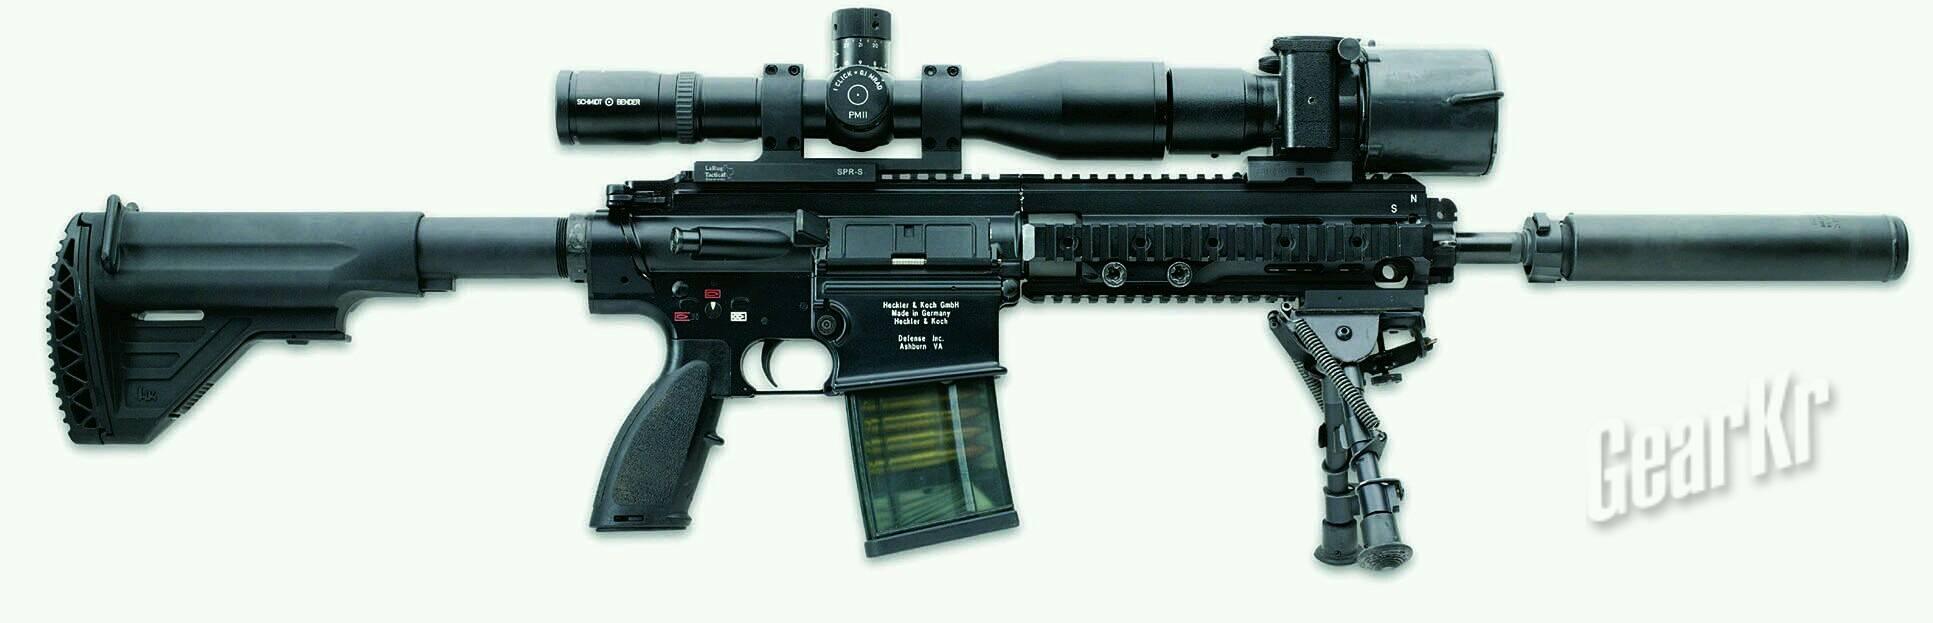 Снайперская винтовка orsis se t-5000 m